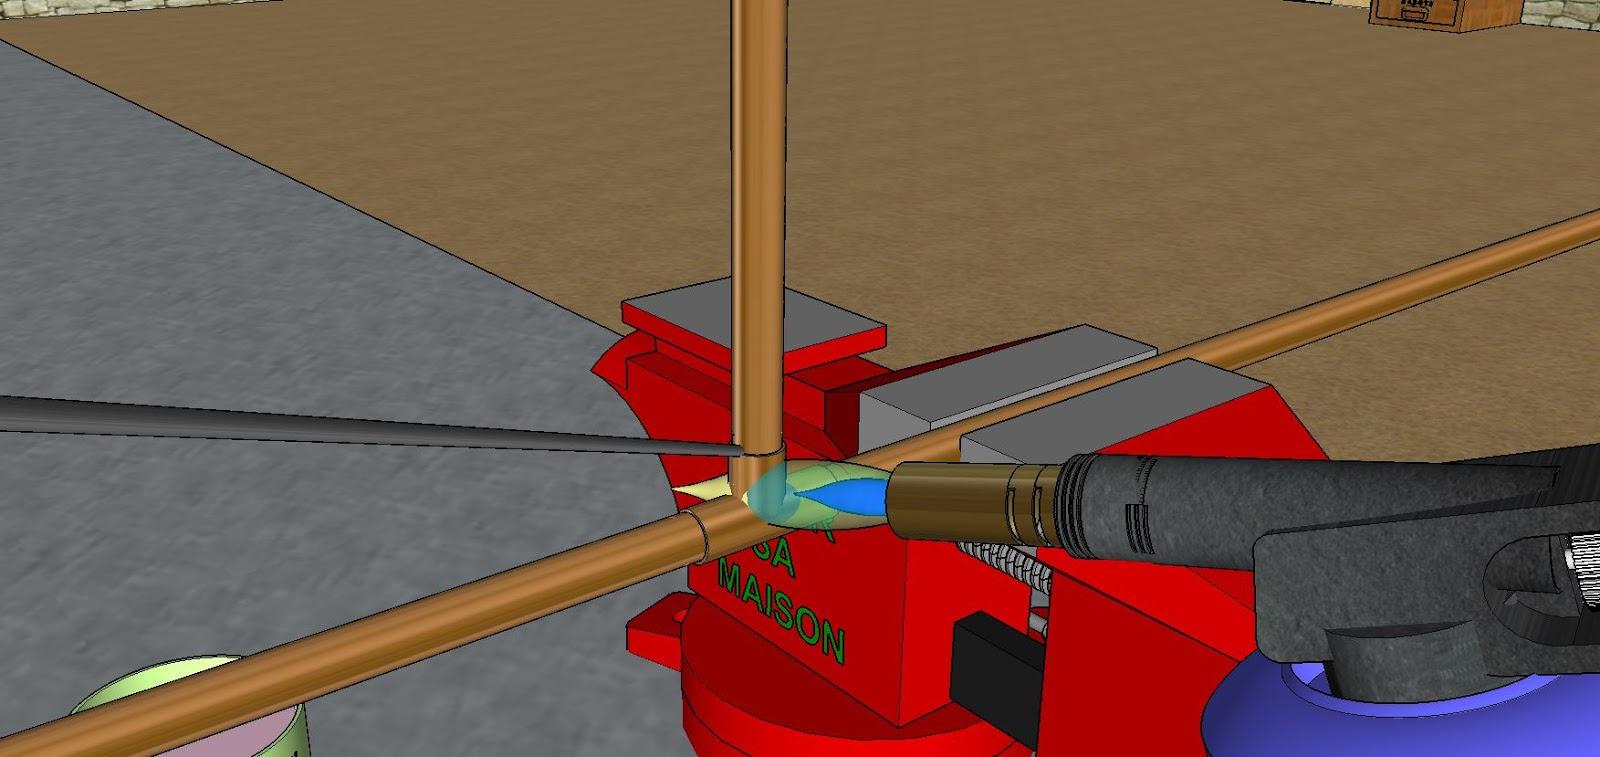 Plomberie comment faire la soudure - Comment faire une soudure a l etain ...